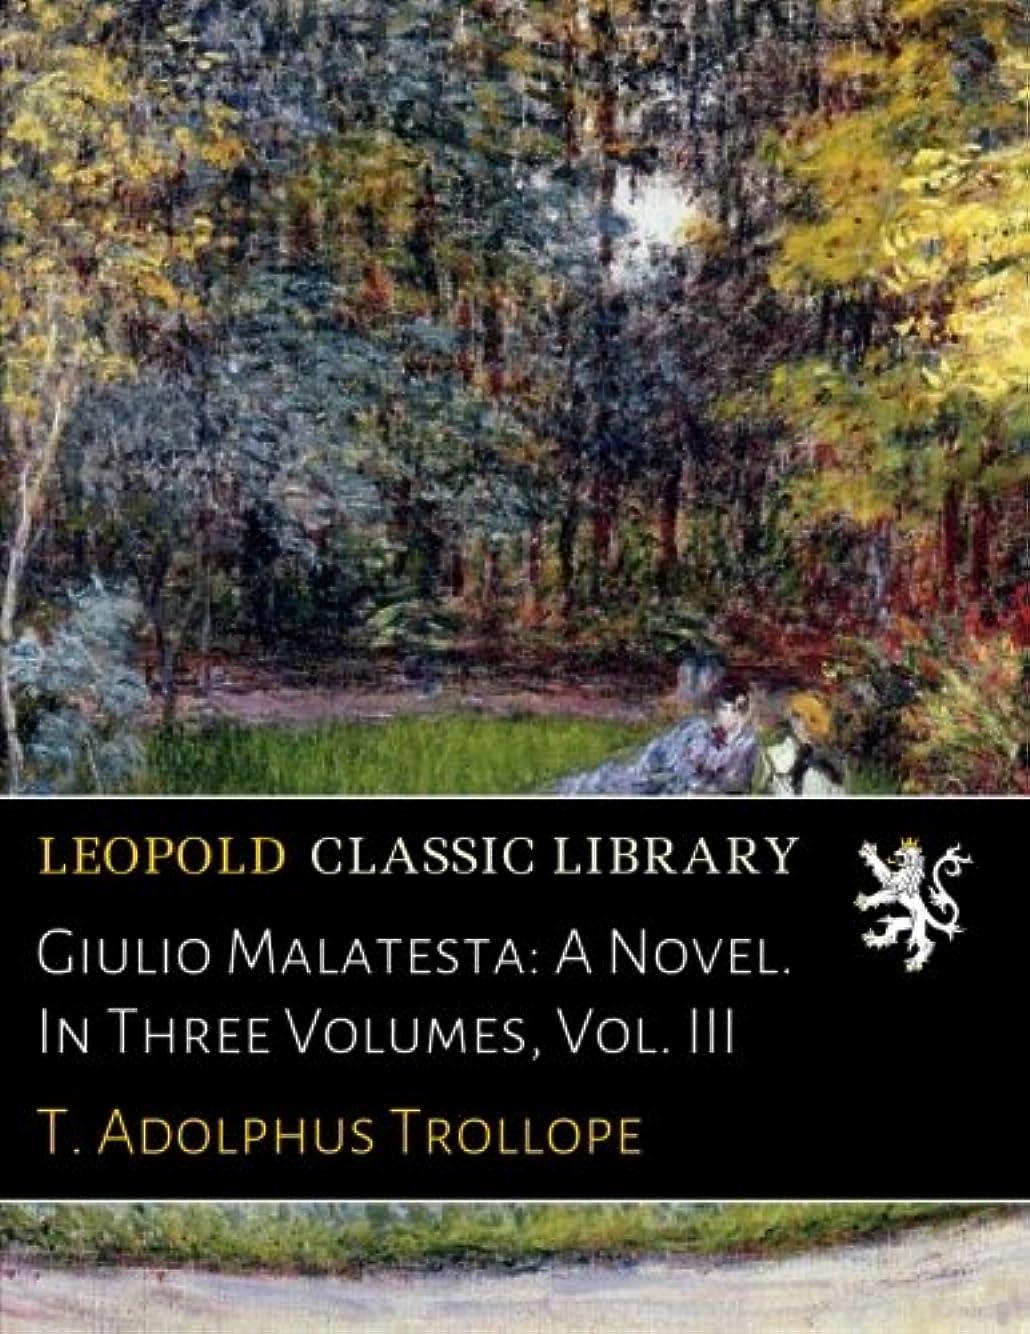 友だち説明薄いGiulio Malatesta: A Novel. In Three Volumes, Vol. III